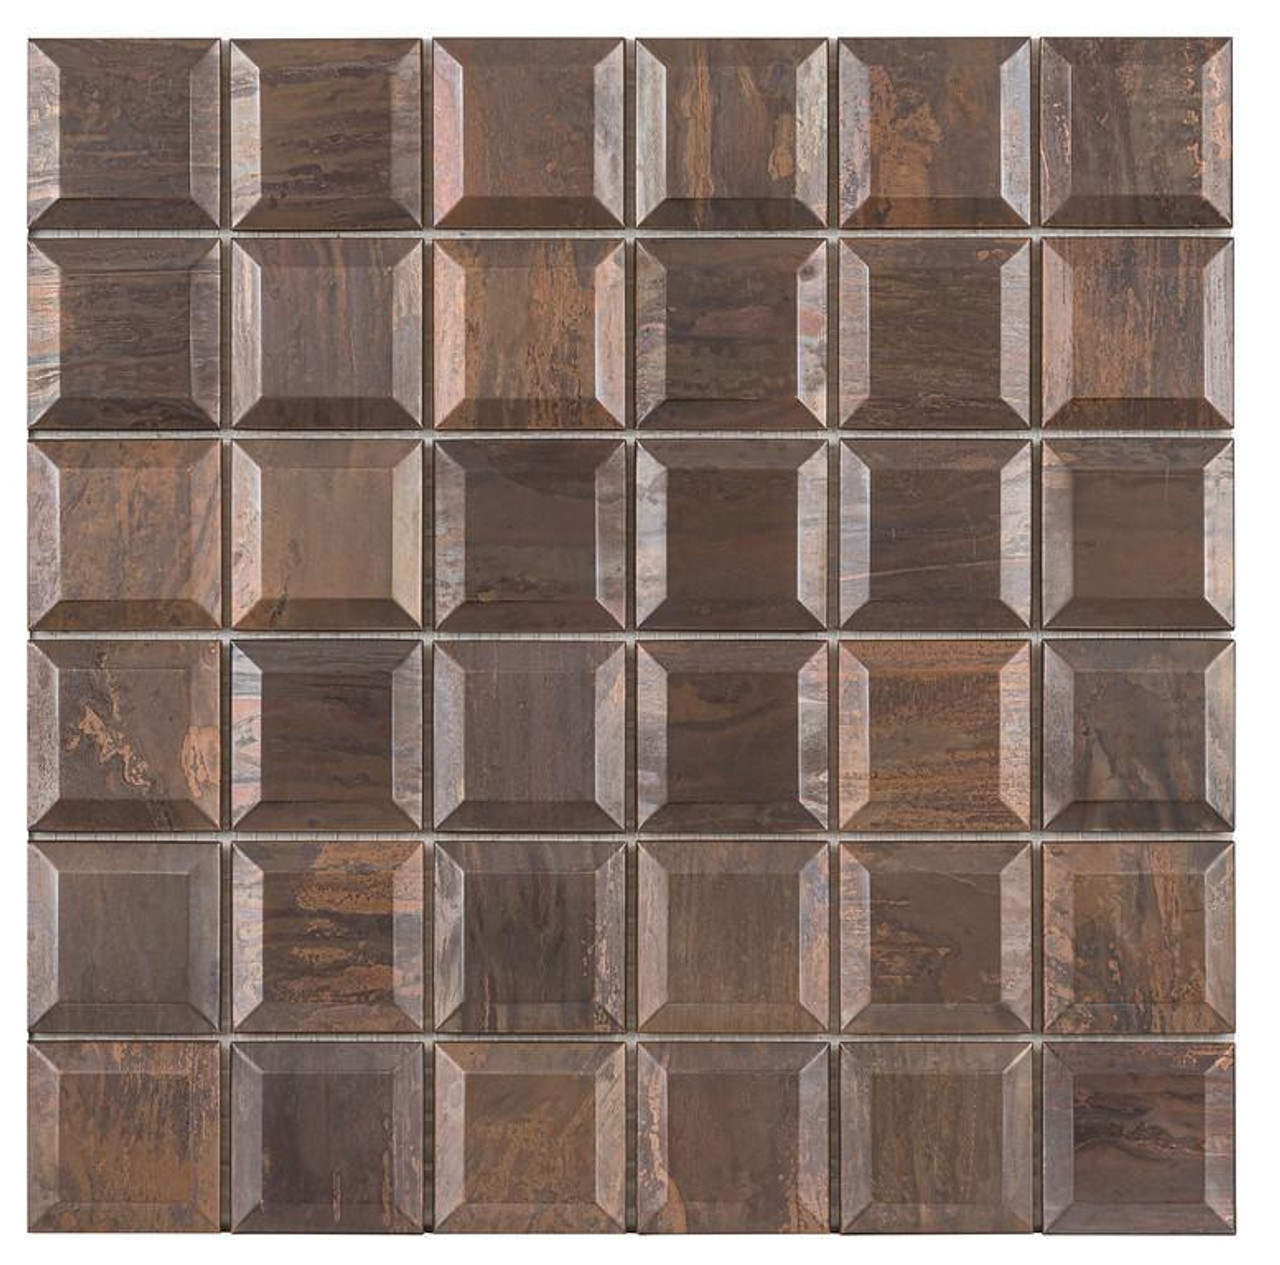 UBC Antique Copper Tile Backsplash 2 x 2 Beveled Mosaic